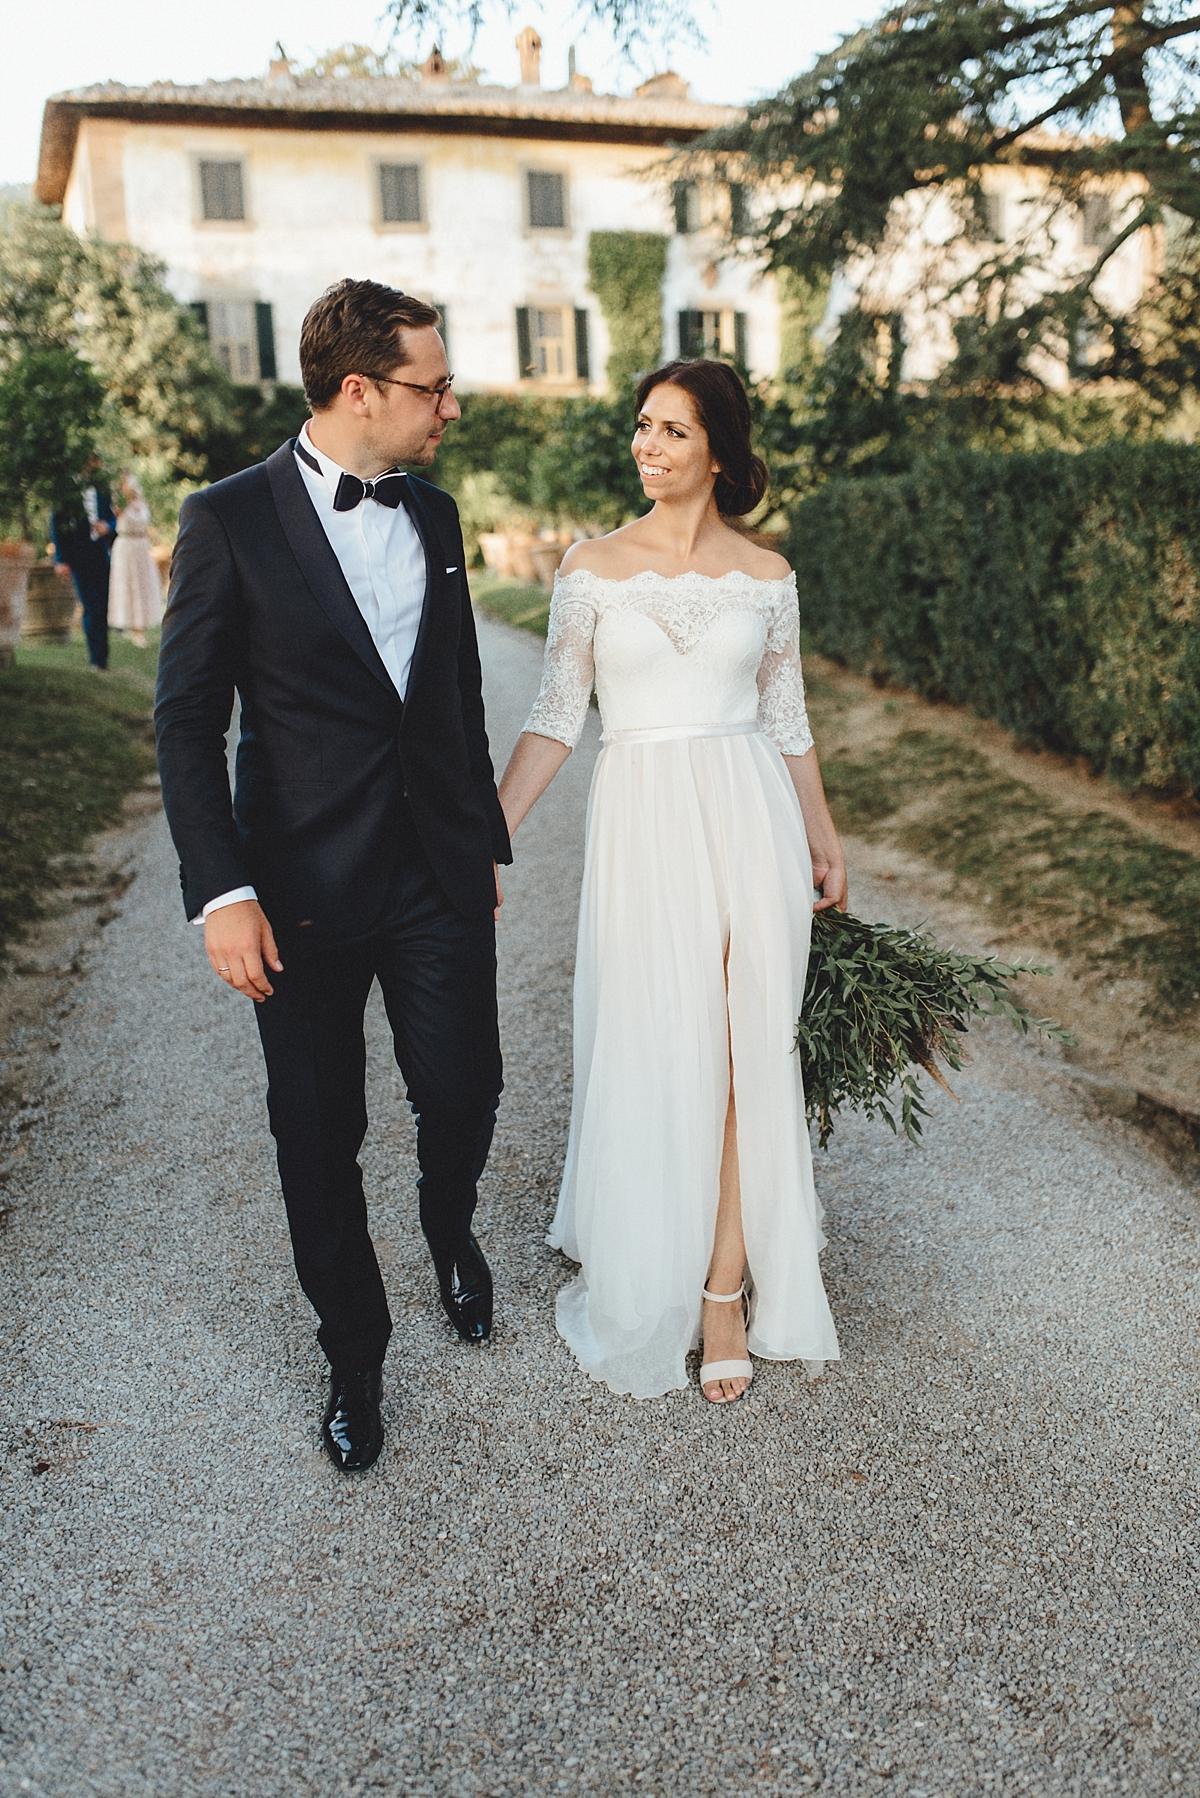 hochzeitsfotograf toskana Kristina & Daniel Mediterrane Toskana Hochzeithochzeitsfotograf toskana italien 2189